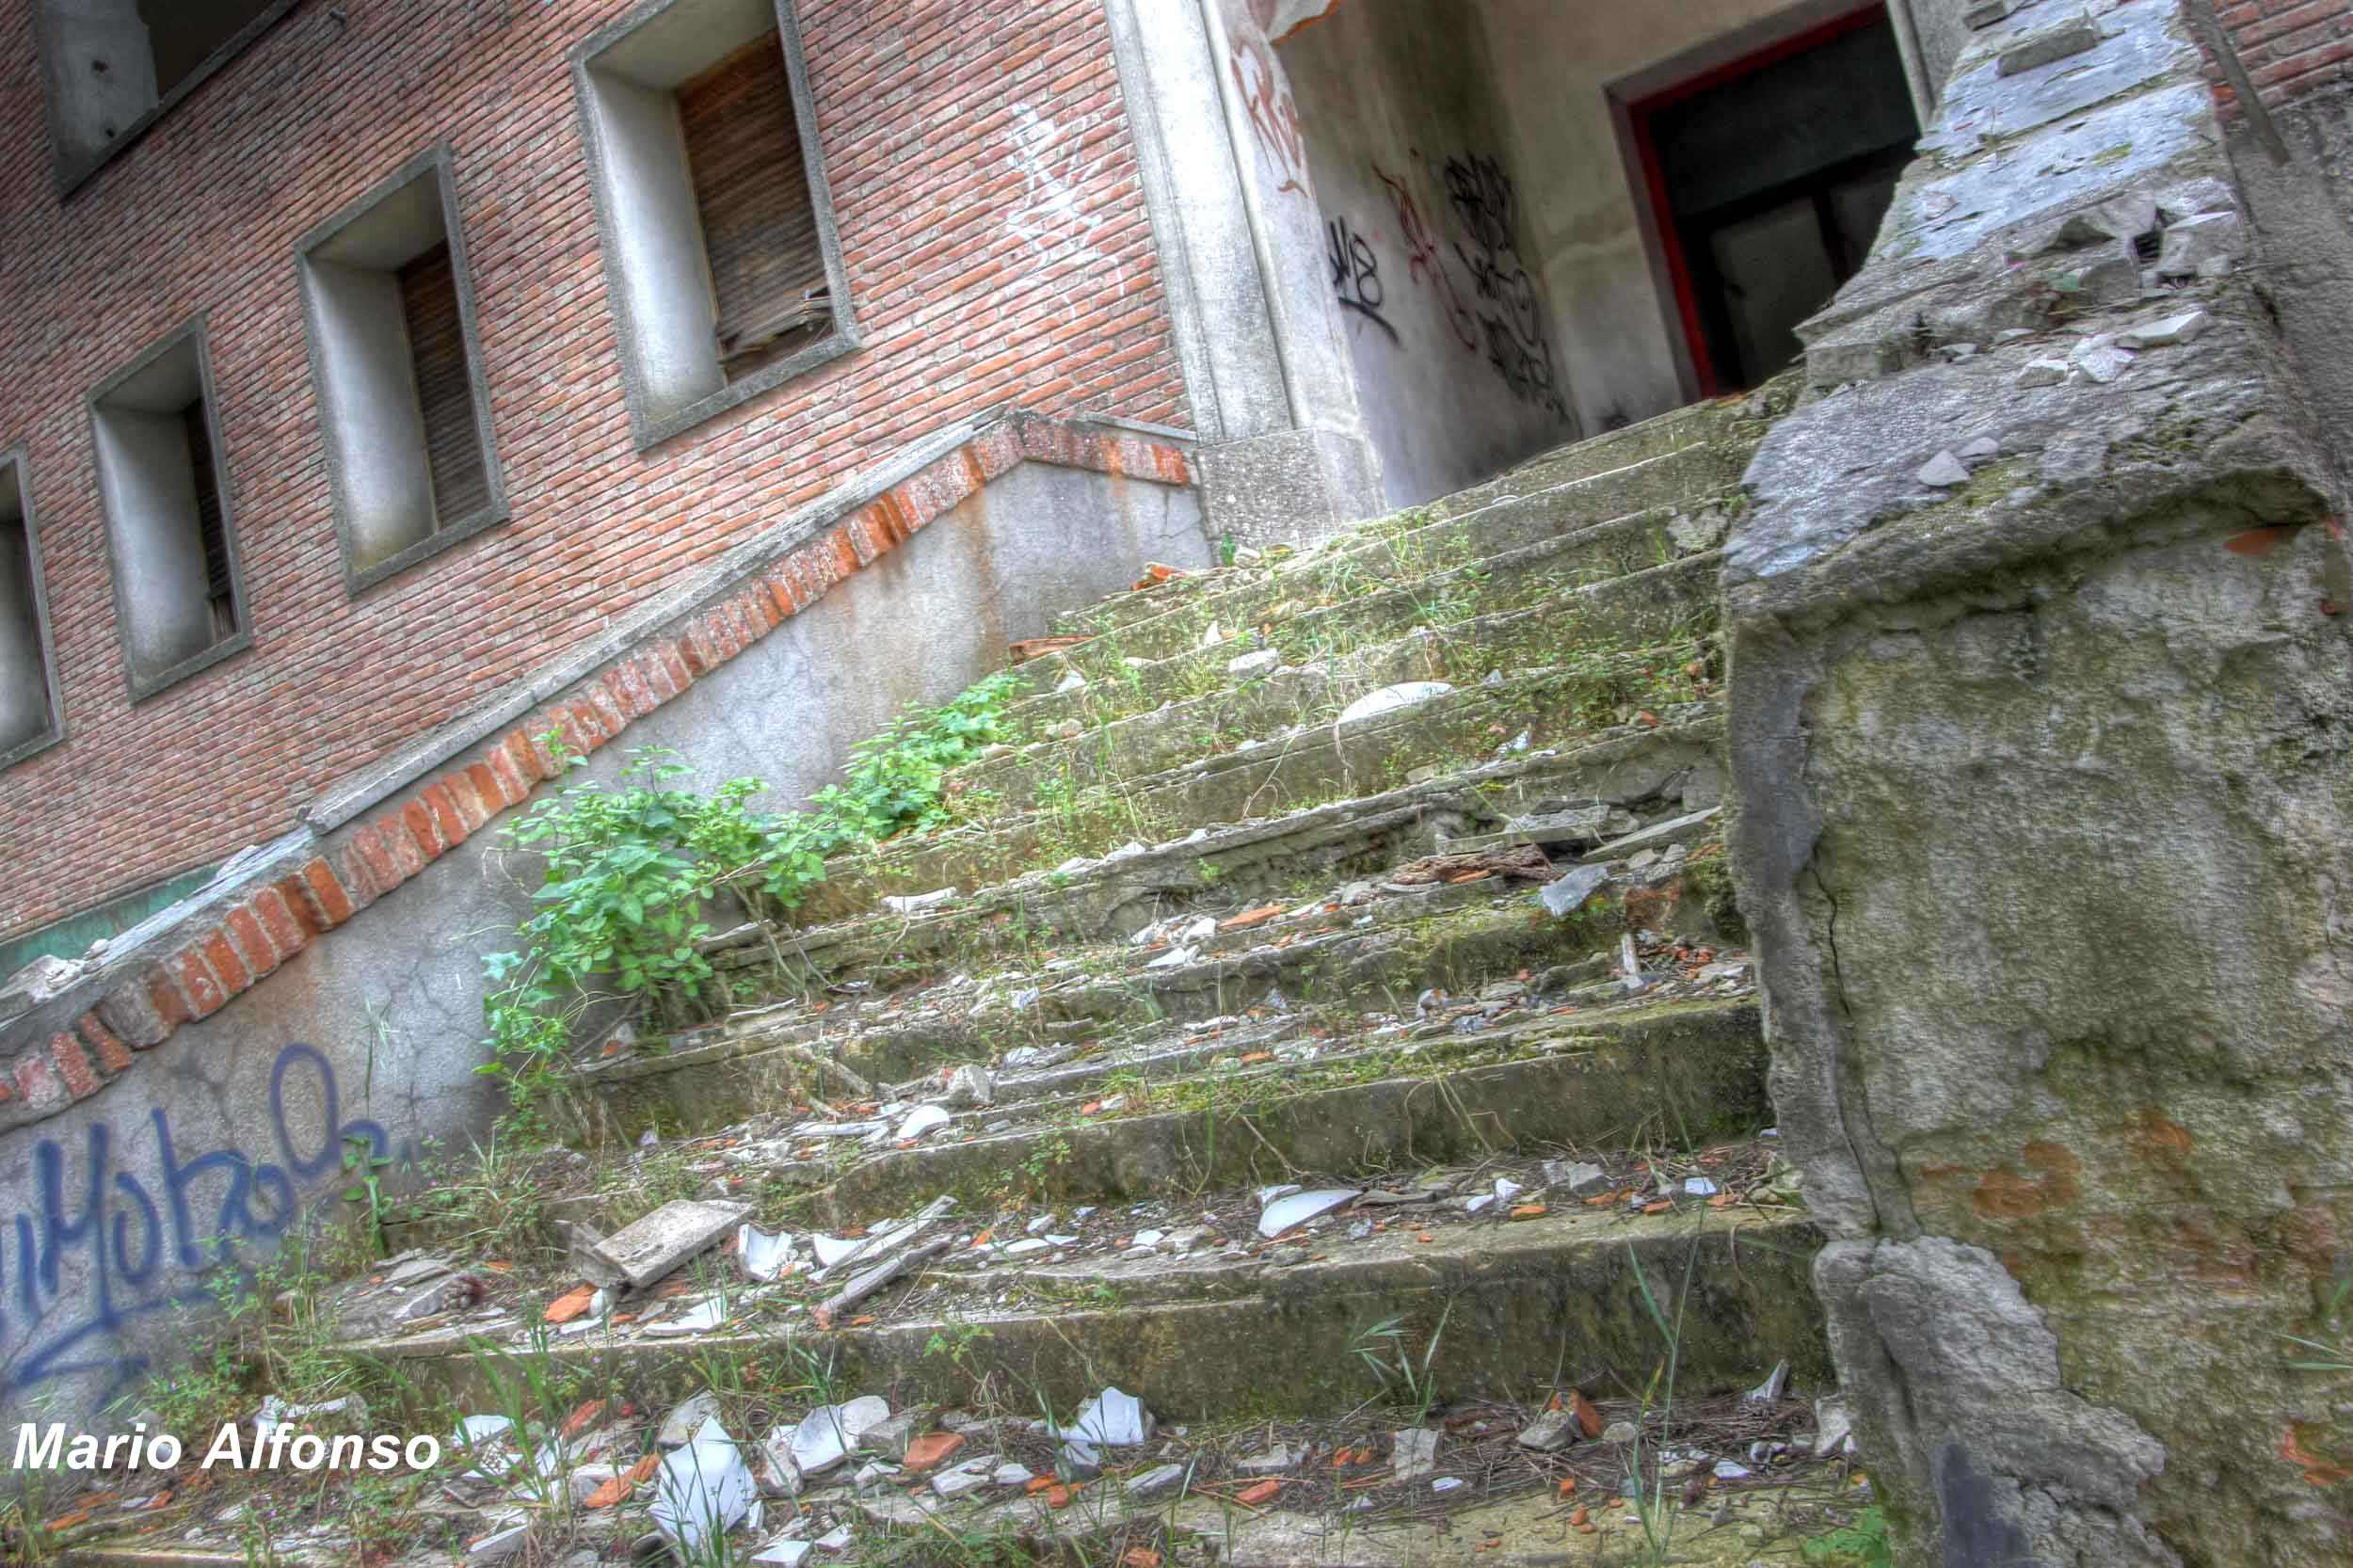 Boecillo Spain  city photos gallery : Hospital de Boecillo en Valladolid | lugares perdidos